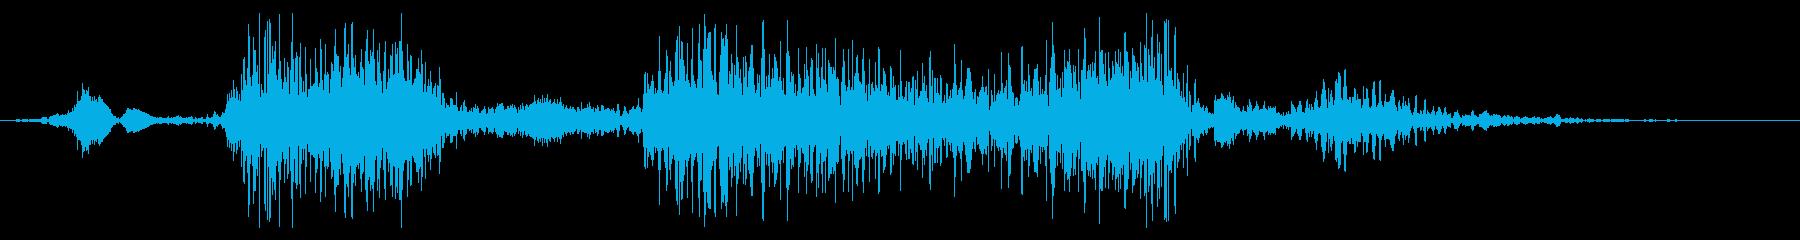 フライング ドラゴン モンスター 敗北時の再生済みの波形